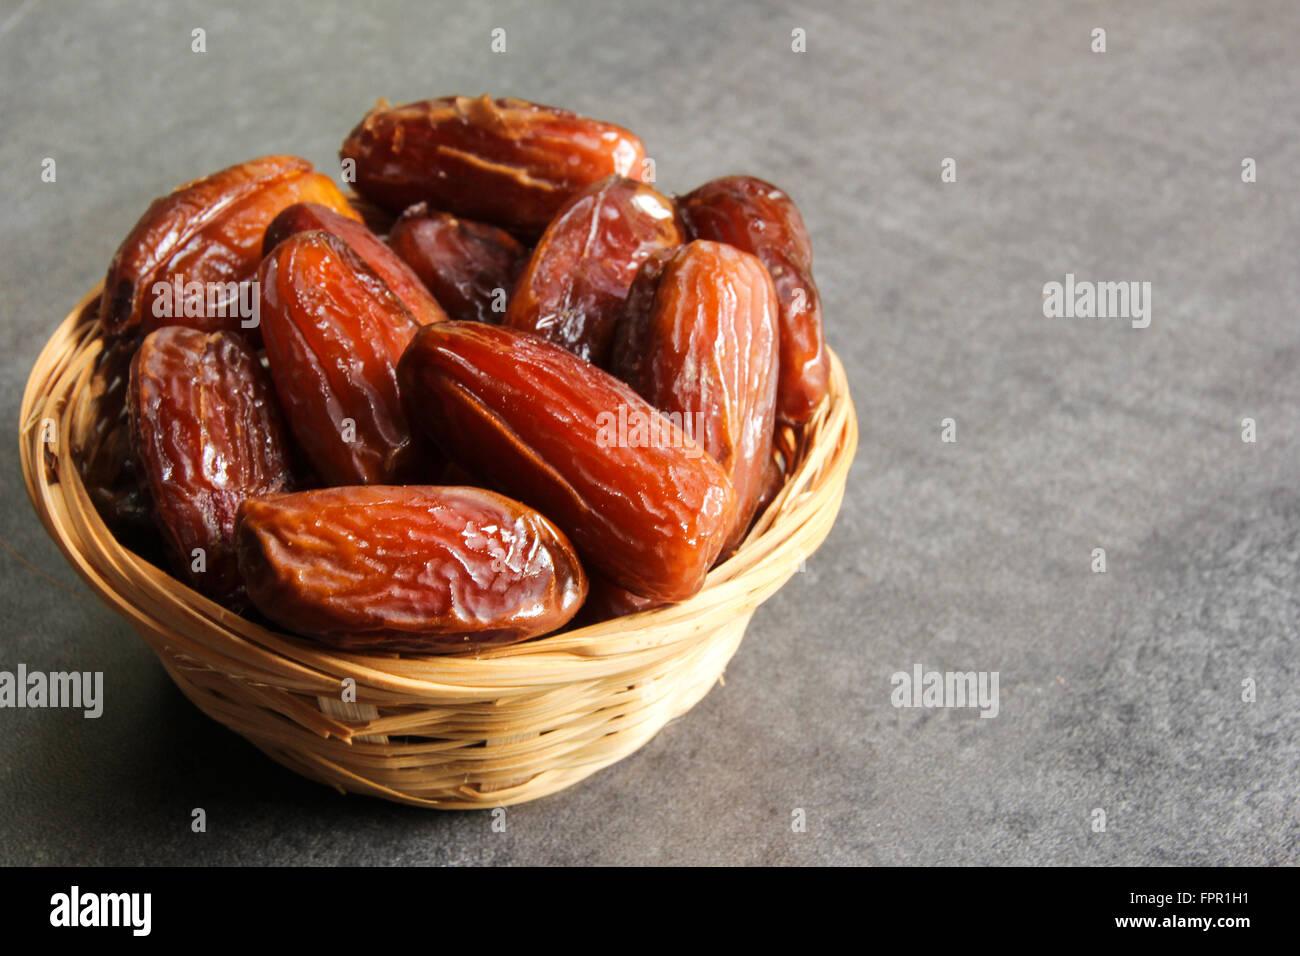 Fecha secos snack saludable Imagen De Stock